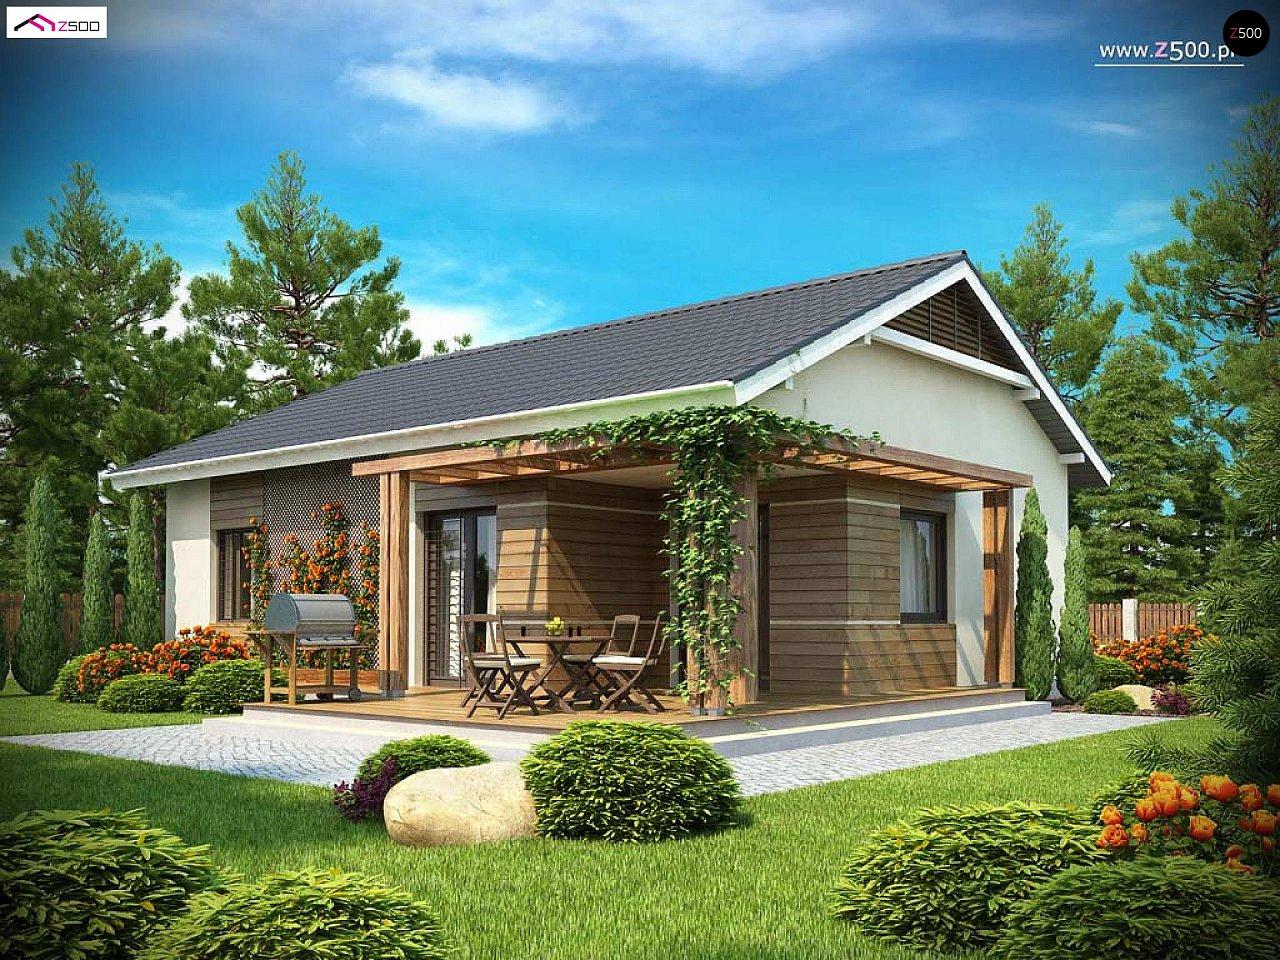 Проект одноэтажного дома с приятным дизайном 2